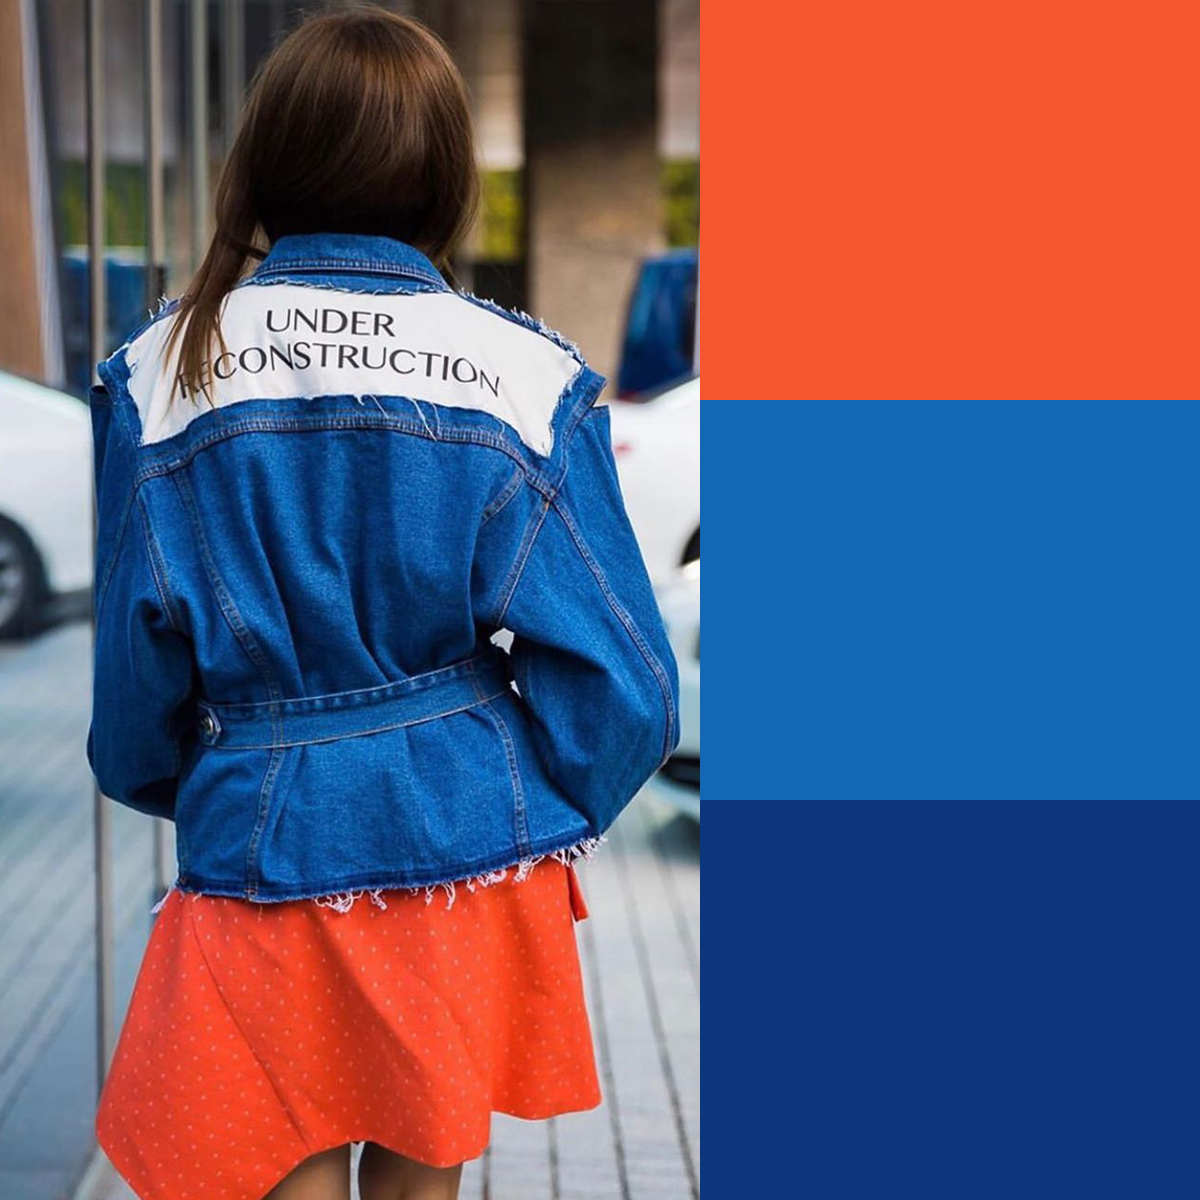 Cách phối màu quần áo mùa hè năng động với xanh dương và cam